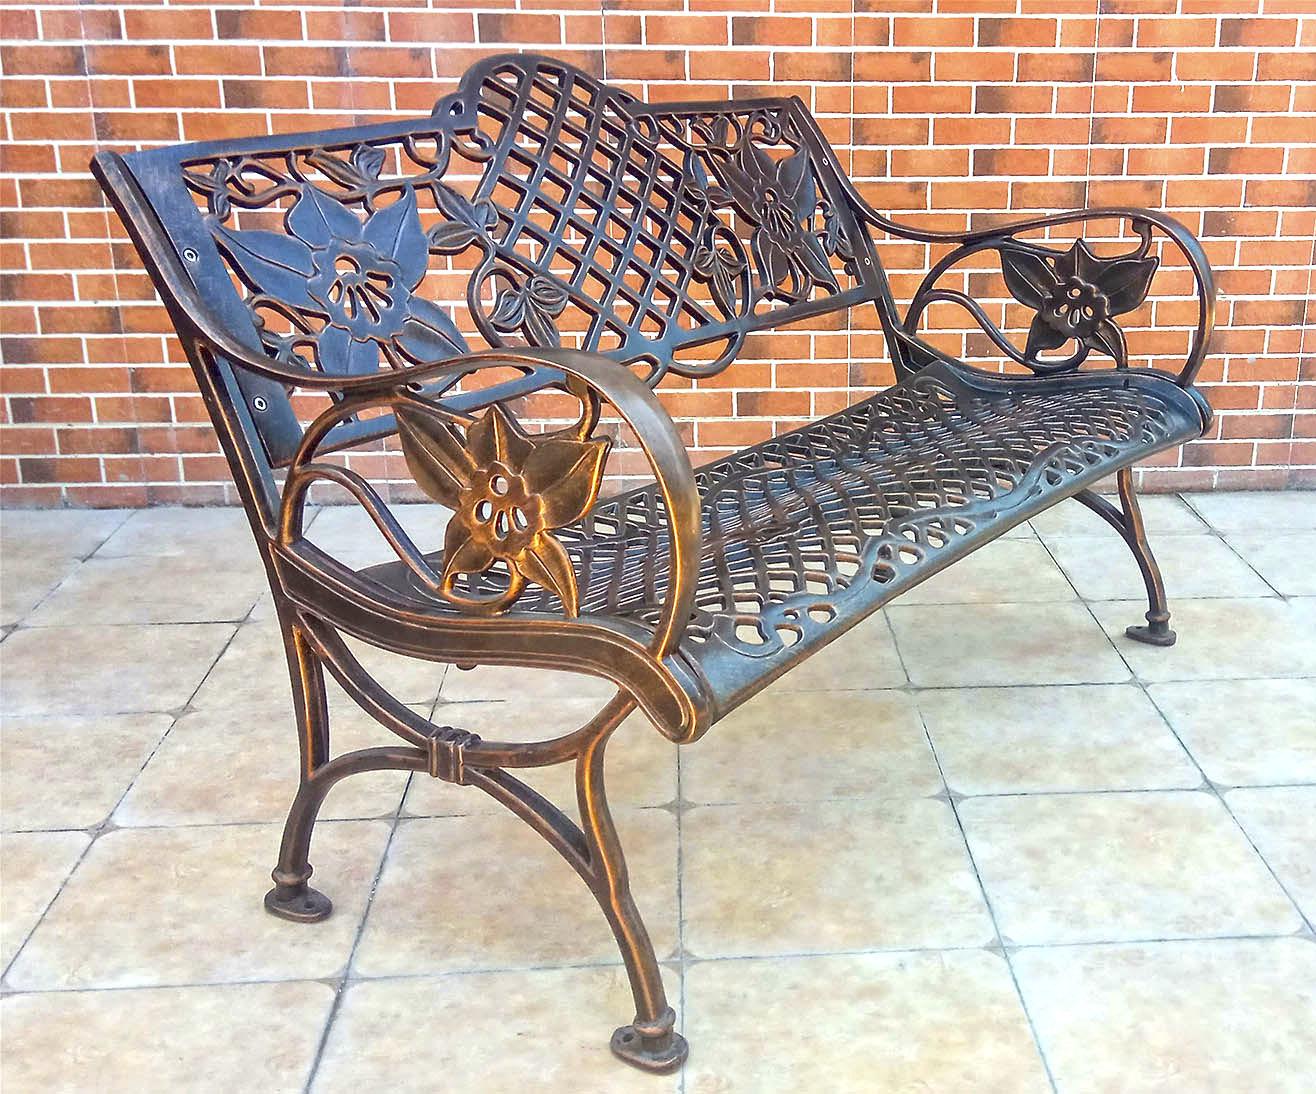 Лавка для дачи, садовая скамейка литьё алюминия и чугуна, всесезонная уличная мебель из литого алюминия, кованая скамейка